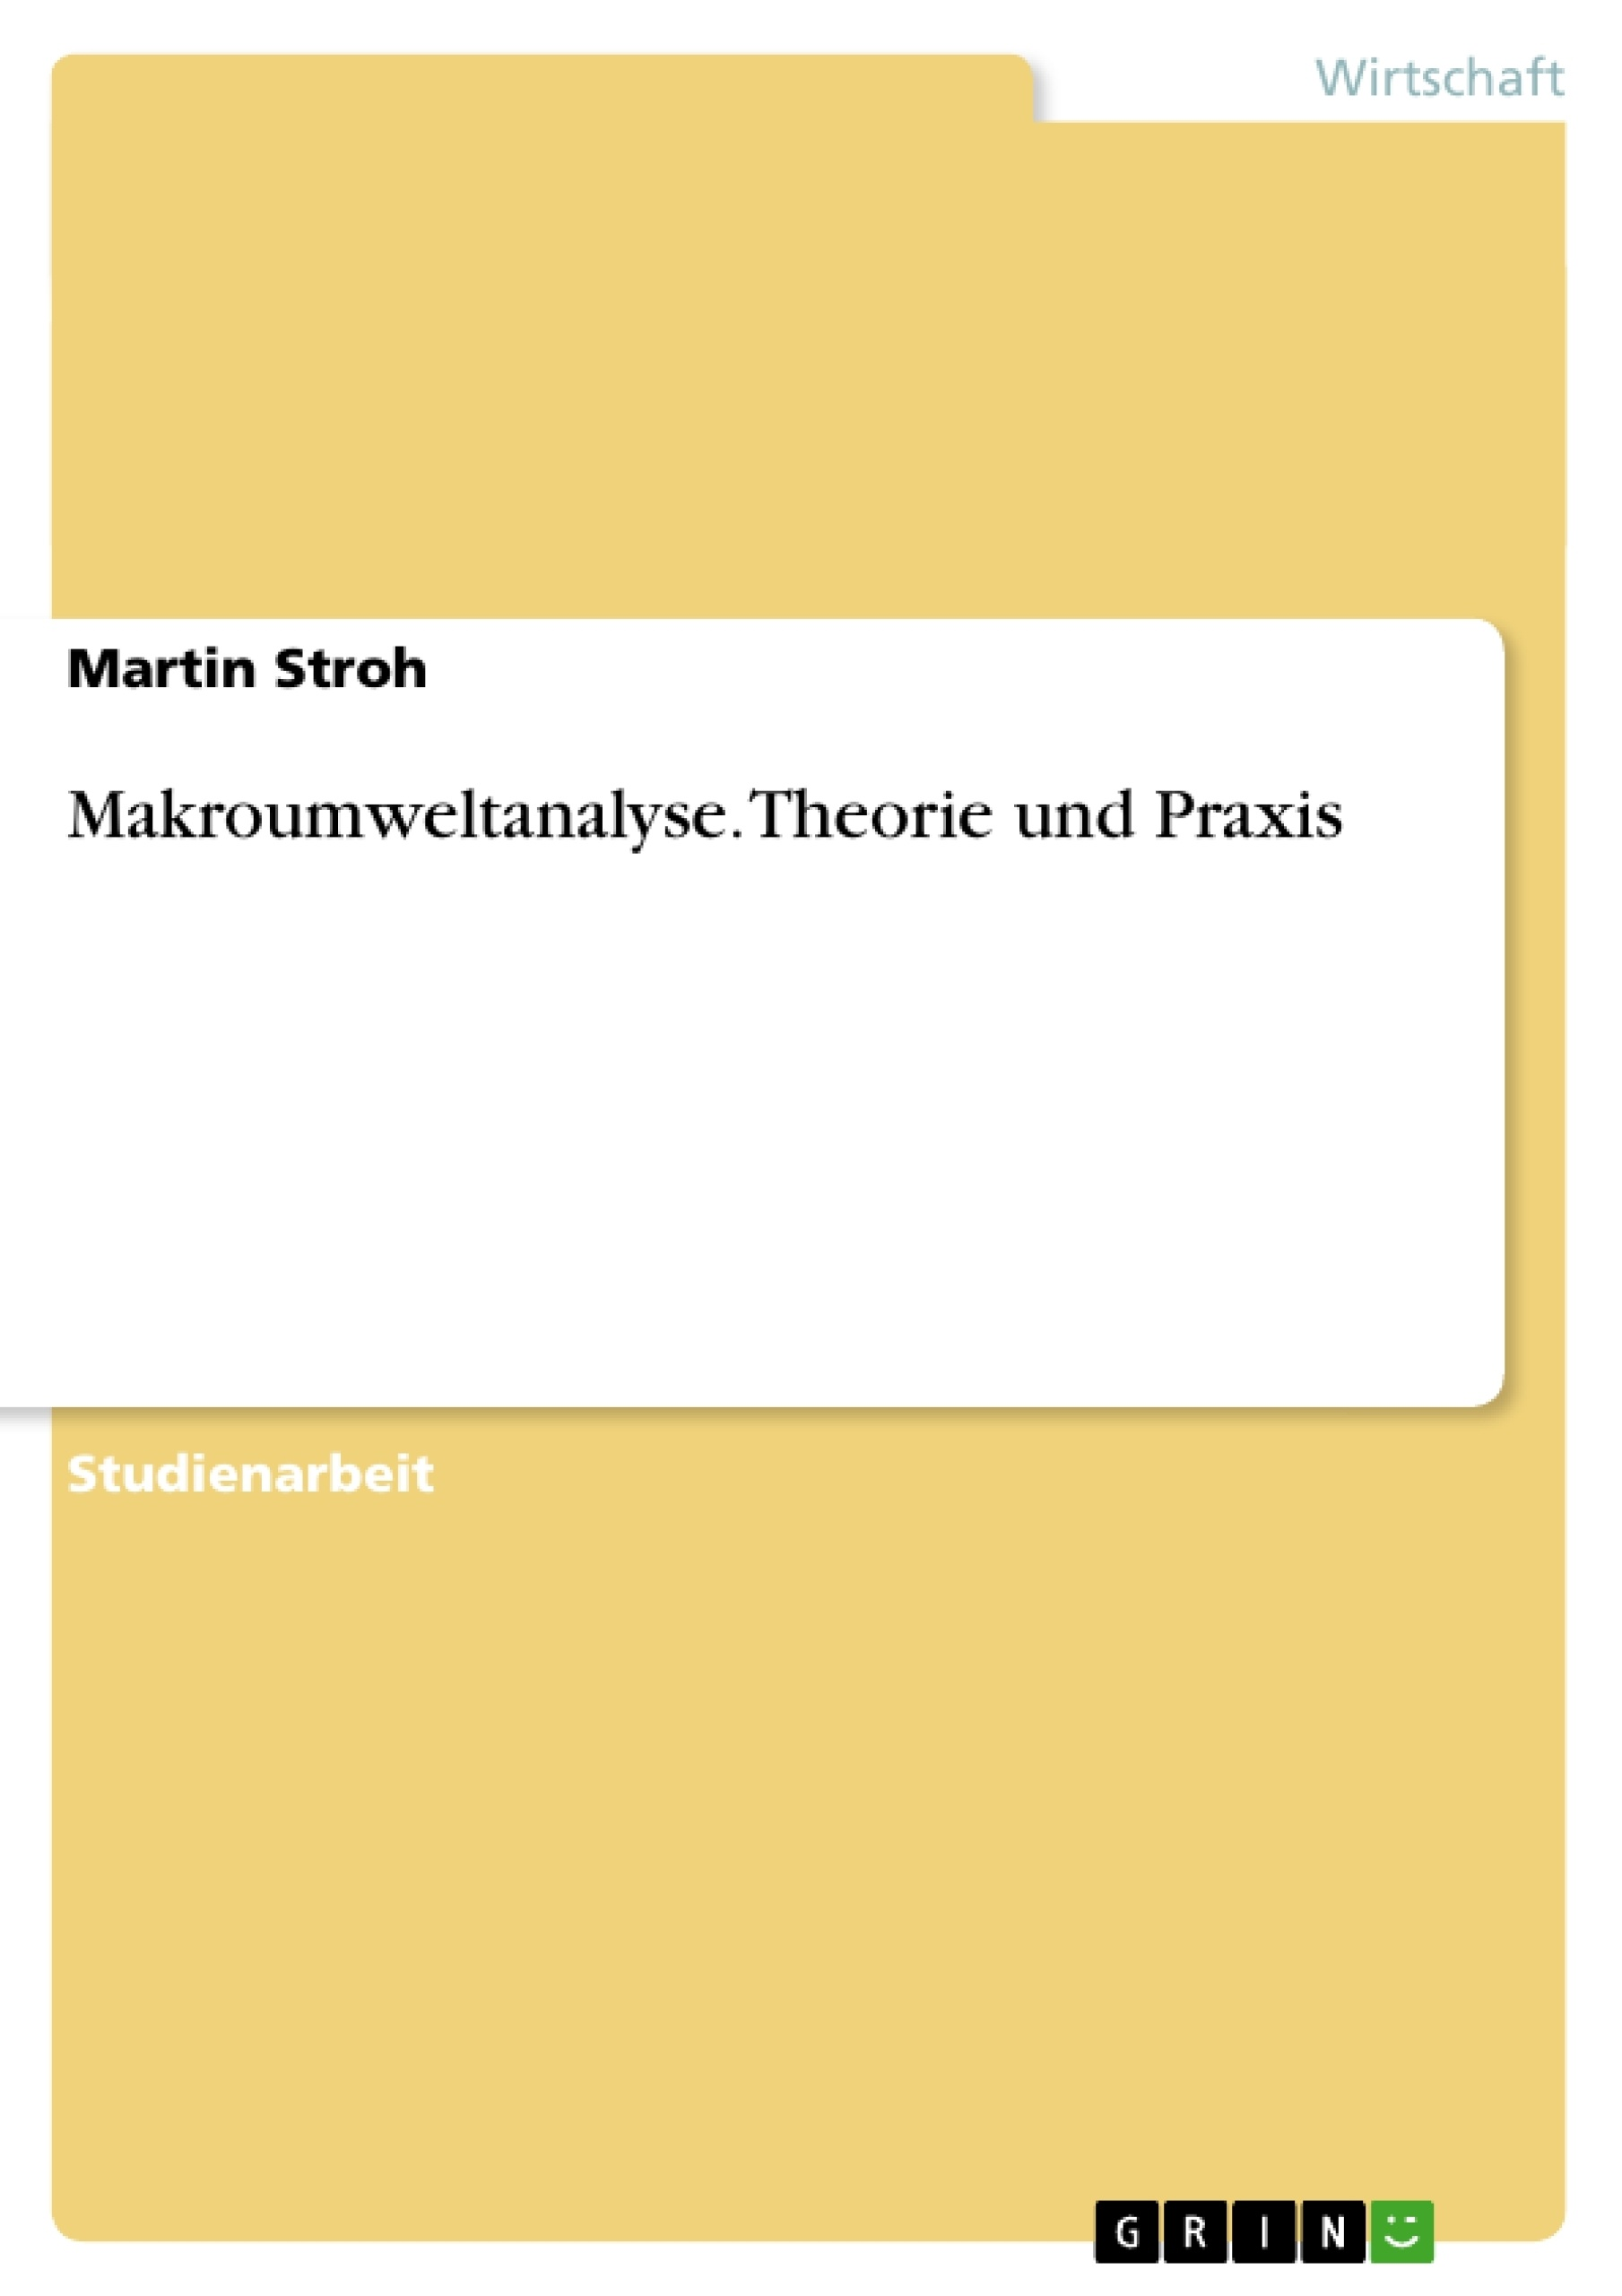 Titel: Makroumweltanalyse. Theorie und Praxis